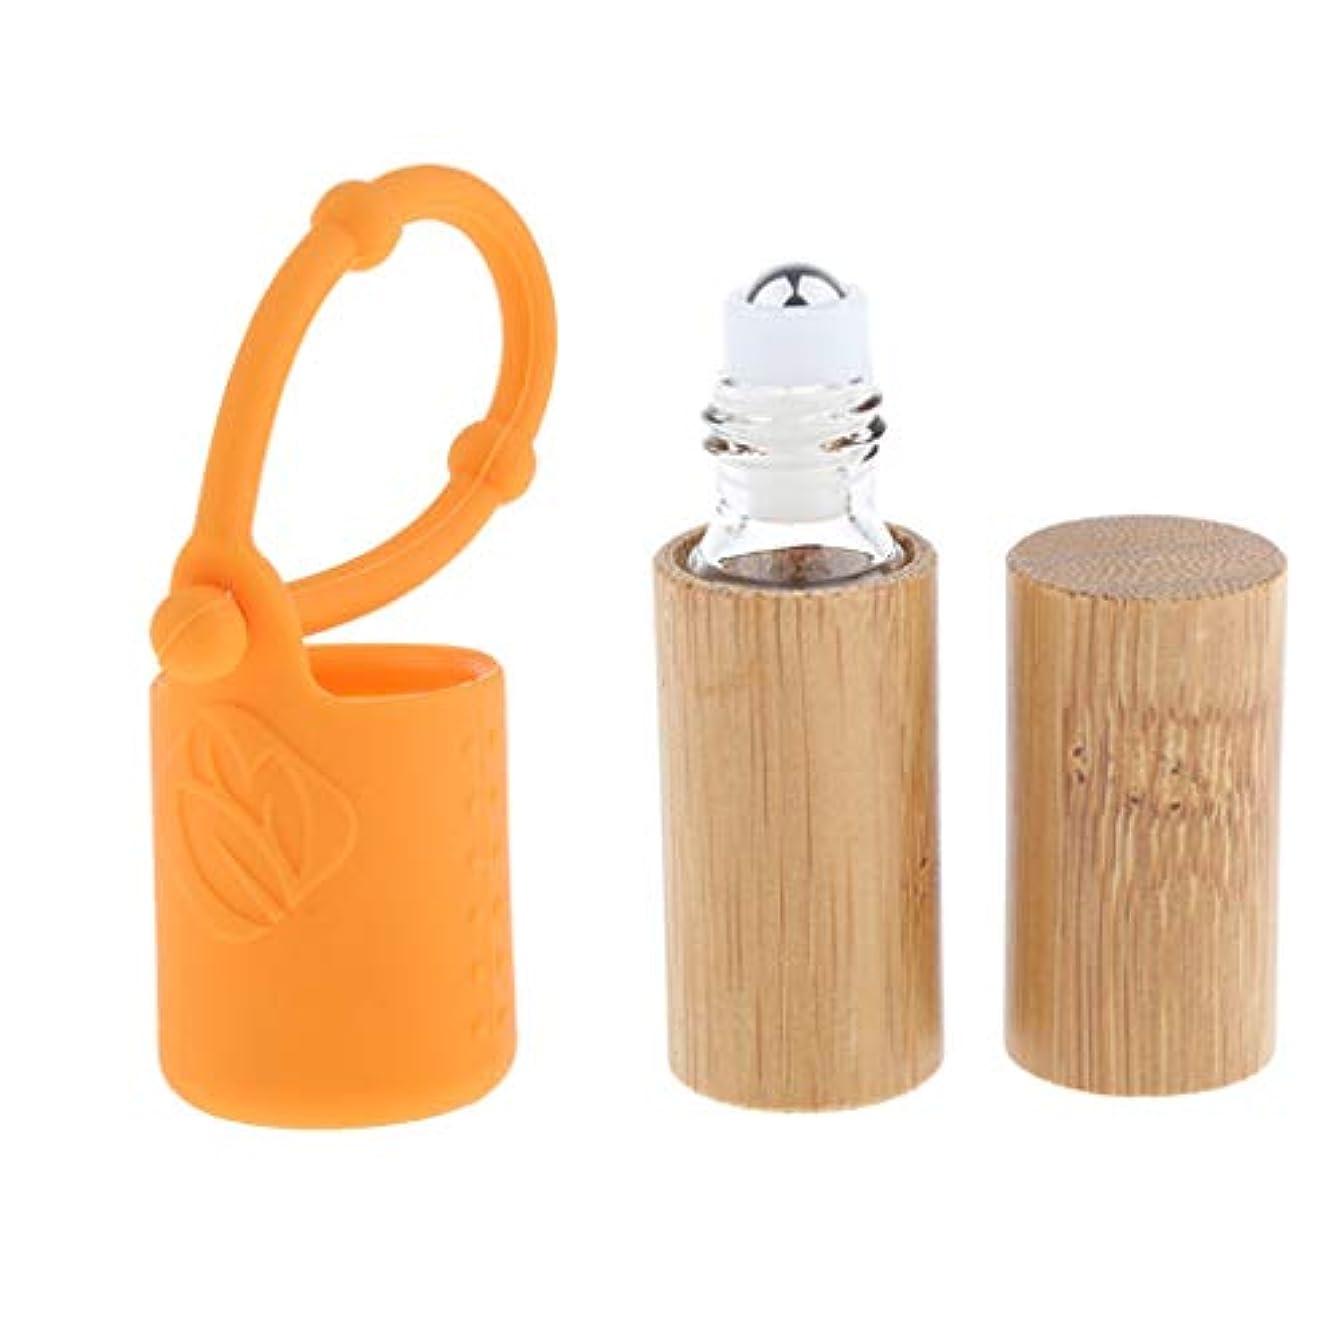 にもかかわらず異邦人強いBaoblaze 空のエッセンシャルオイル 精油瓶 香水瓶 竹ボトル 詰め替え カバースリーブ 吊り掛け